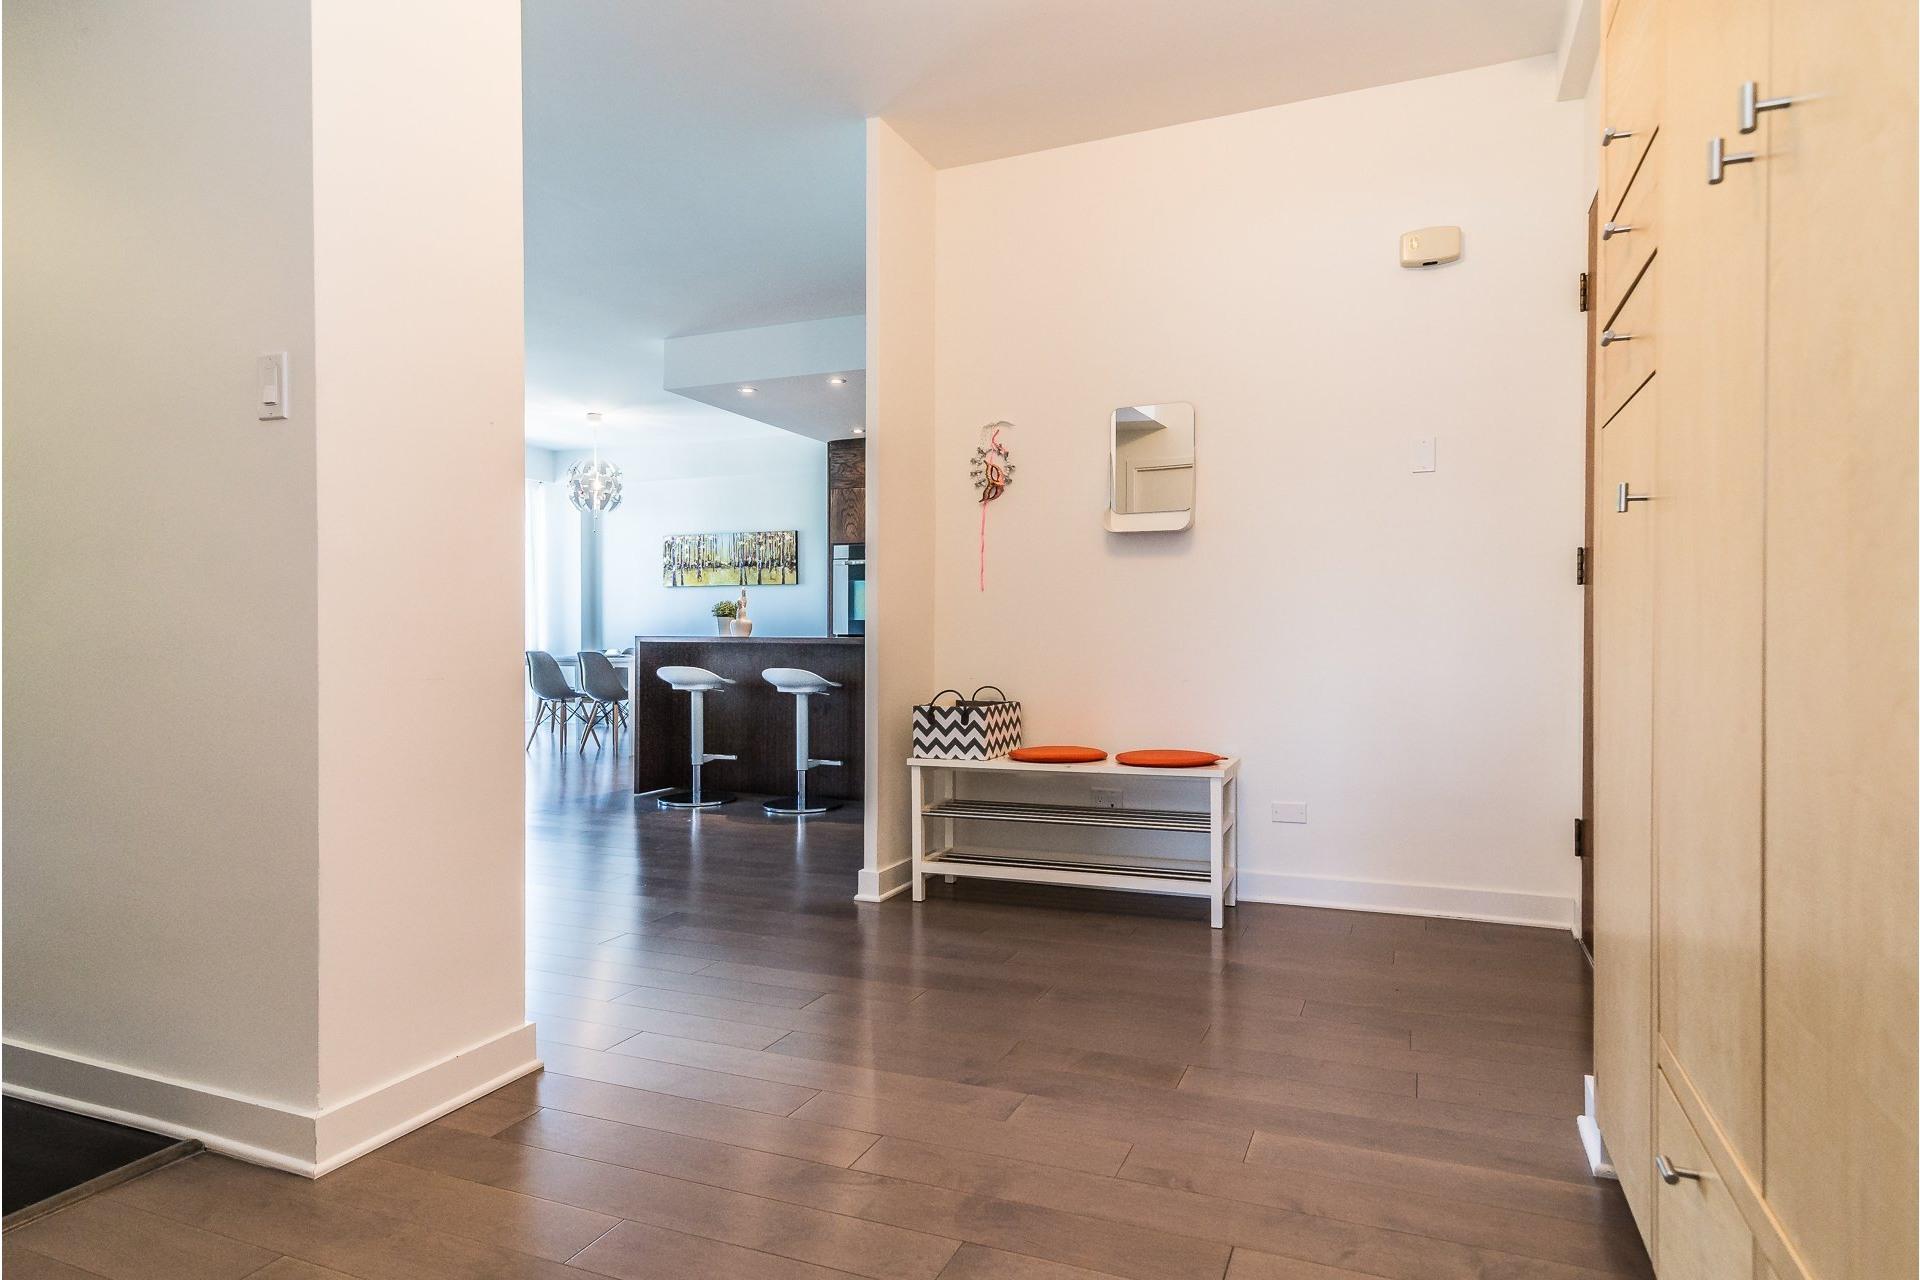 image 3 - Appartement À louer Westmount - 7 pièces